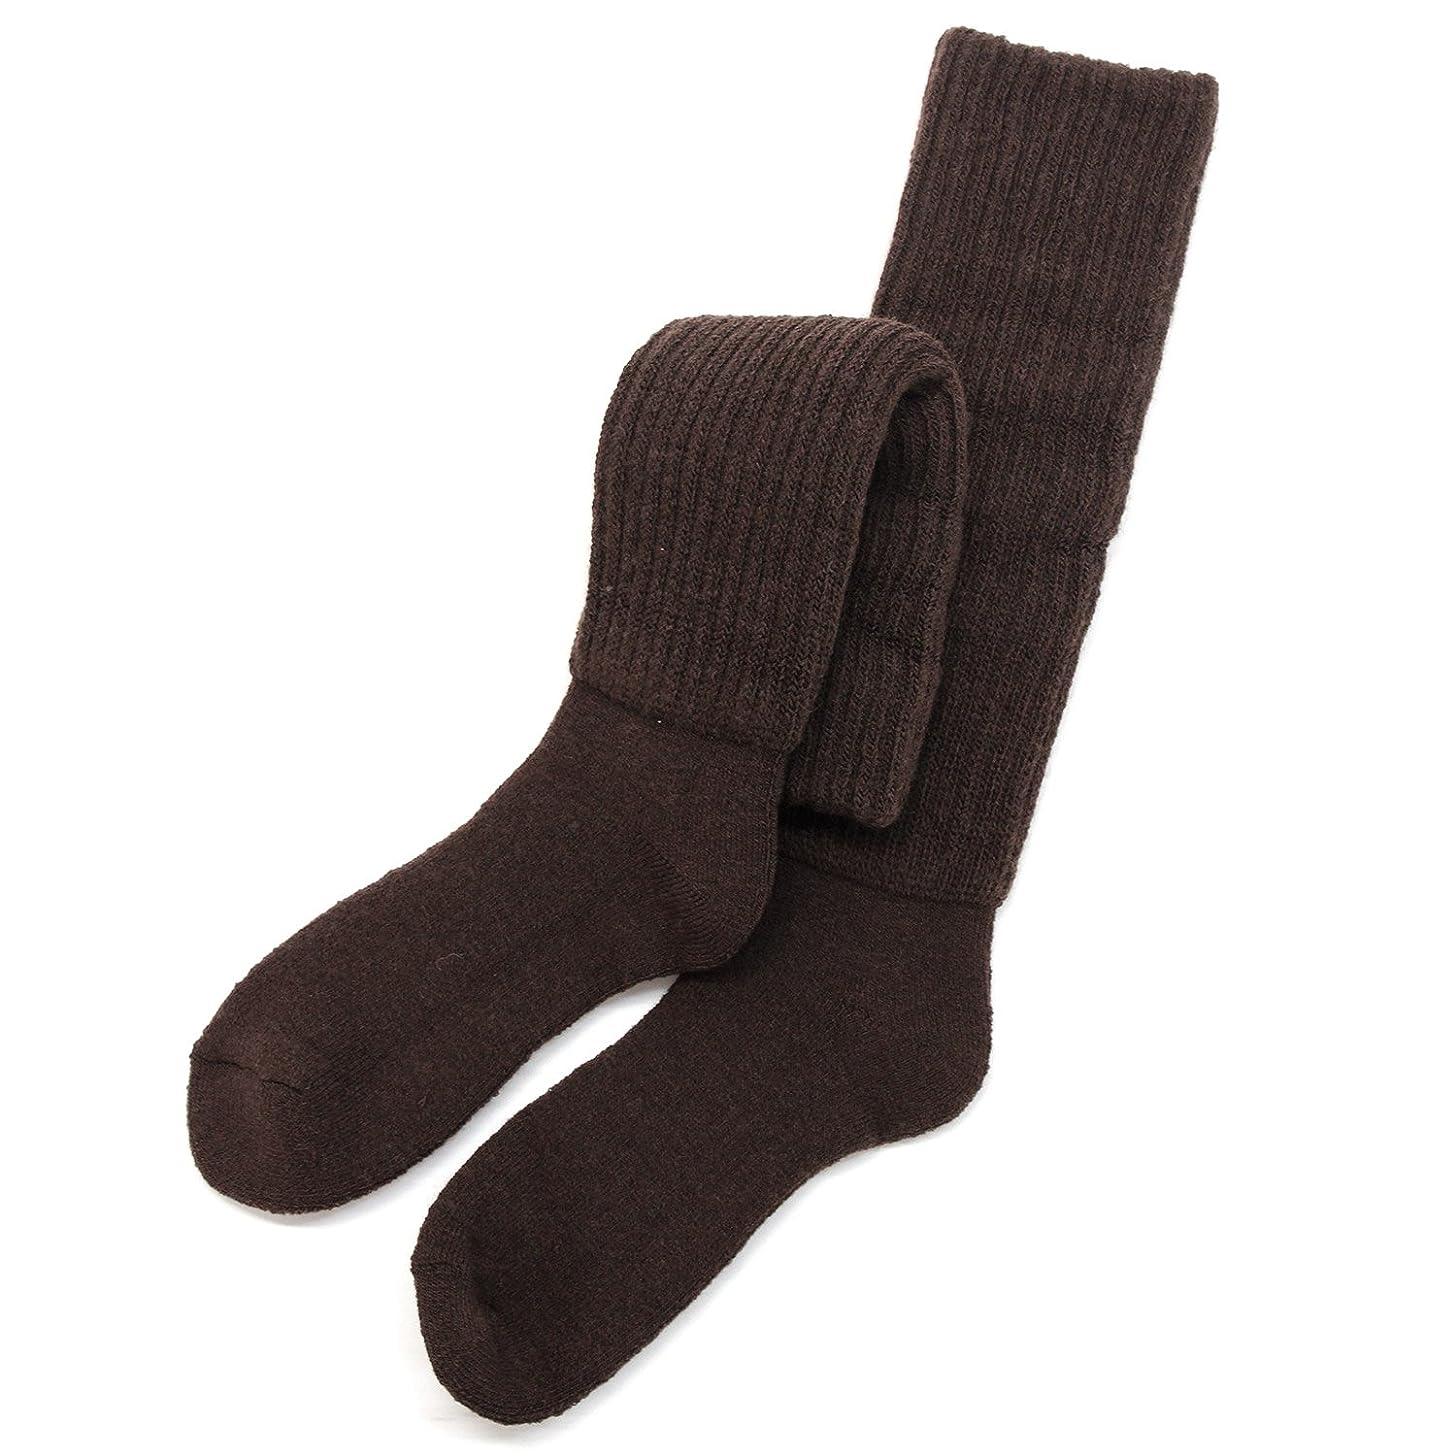 問題ソース扇動するhiorie(ヒオリエ) 日本製 冷えとり靴下 あったか 2重編み靴下 ハイソックス <Lサイズ>